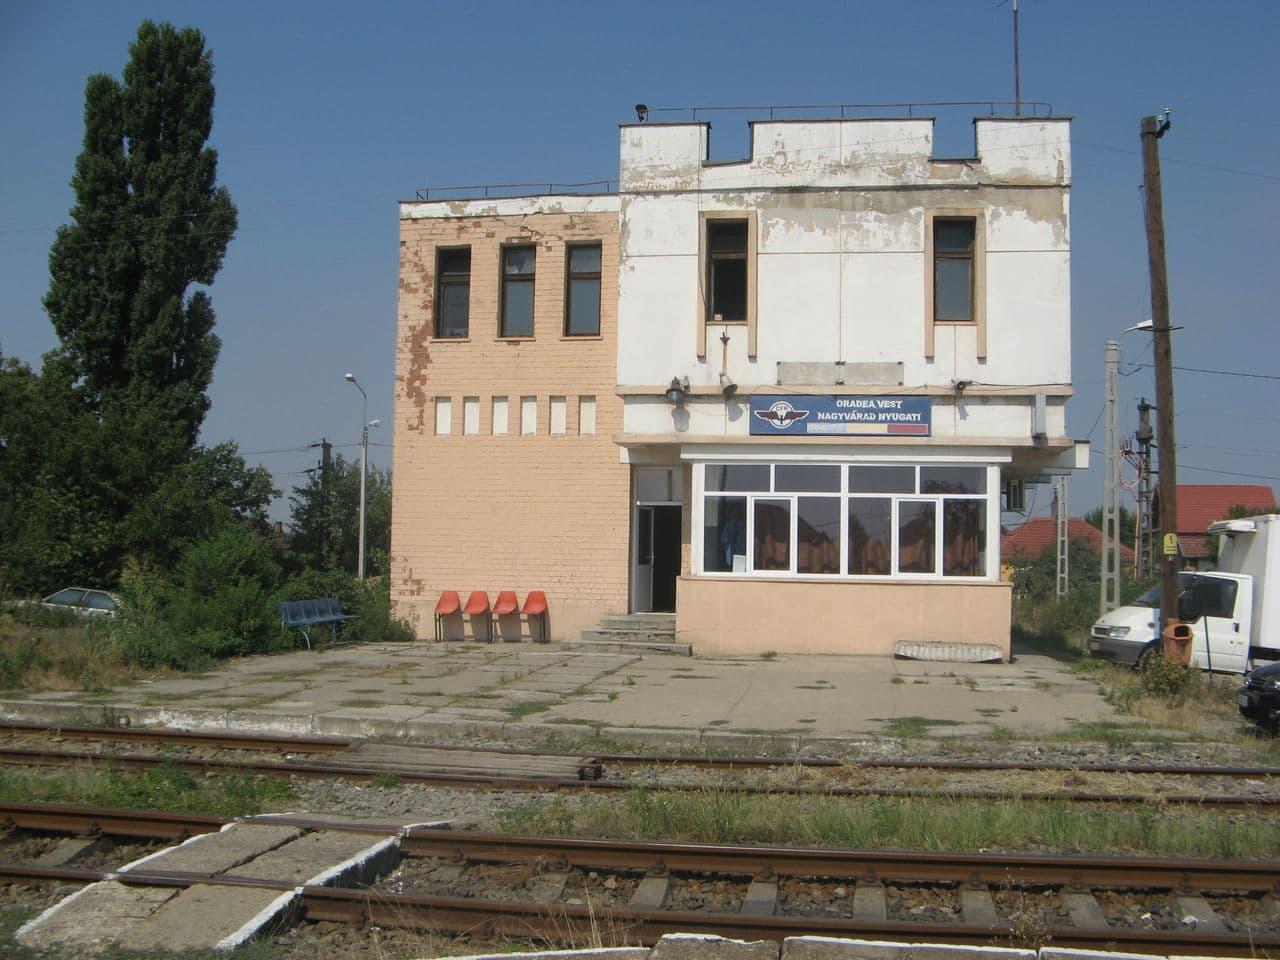 Calea ferată directă Oradea Vest - Episcopia Bihor IMG_0001